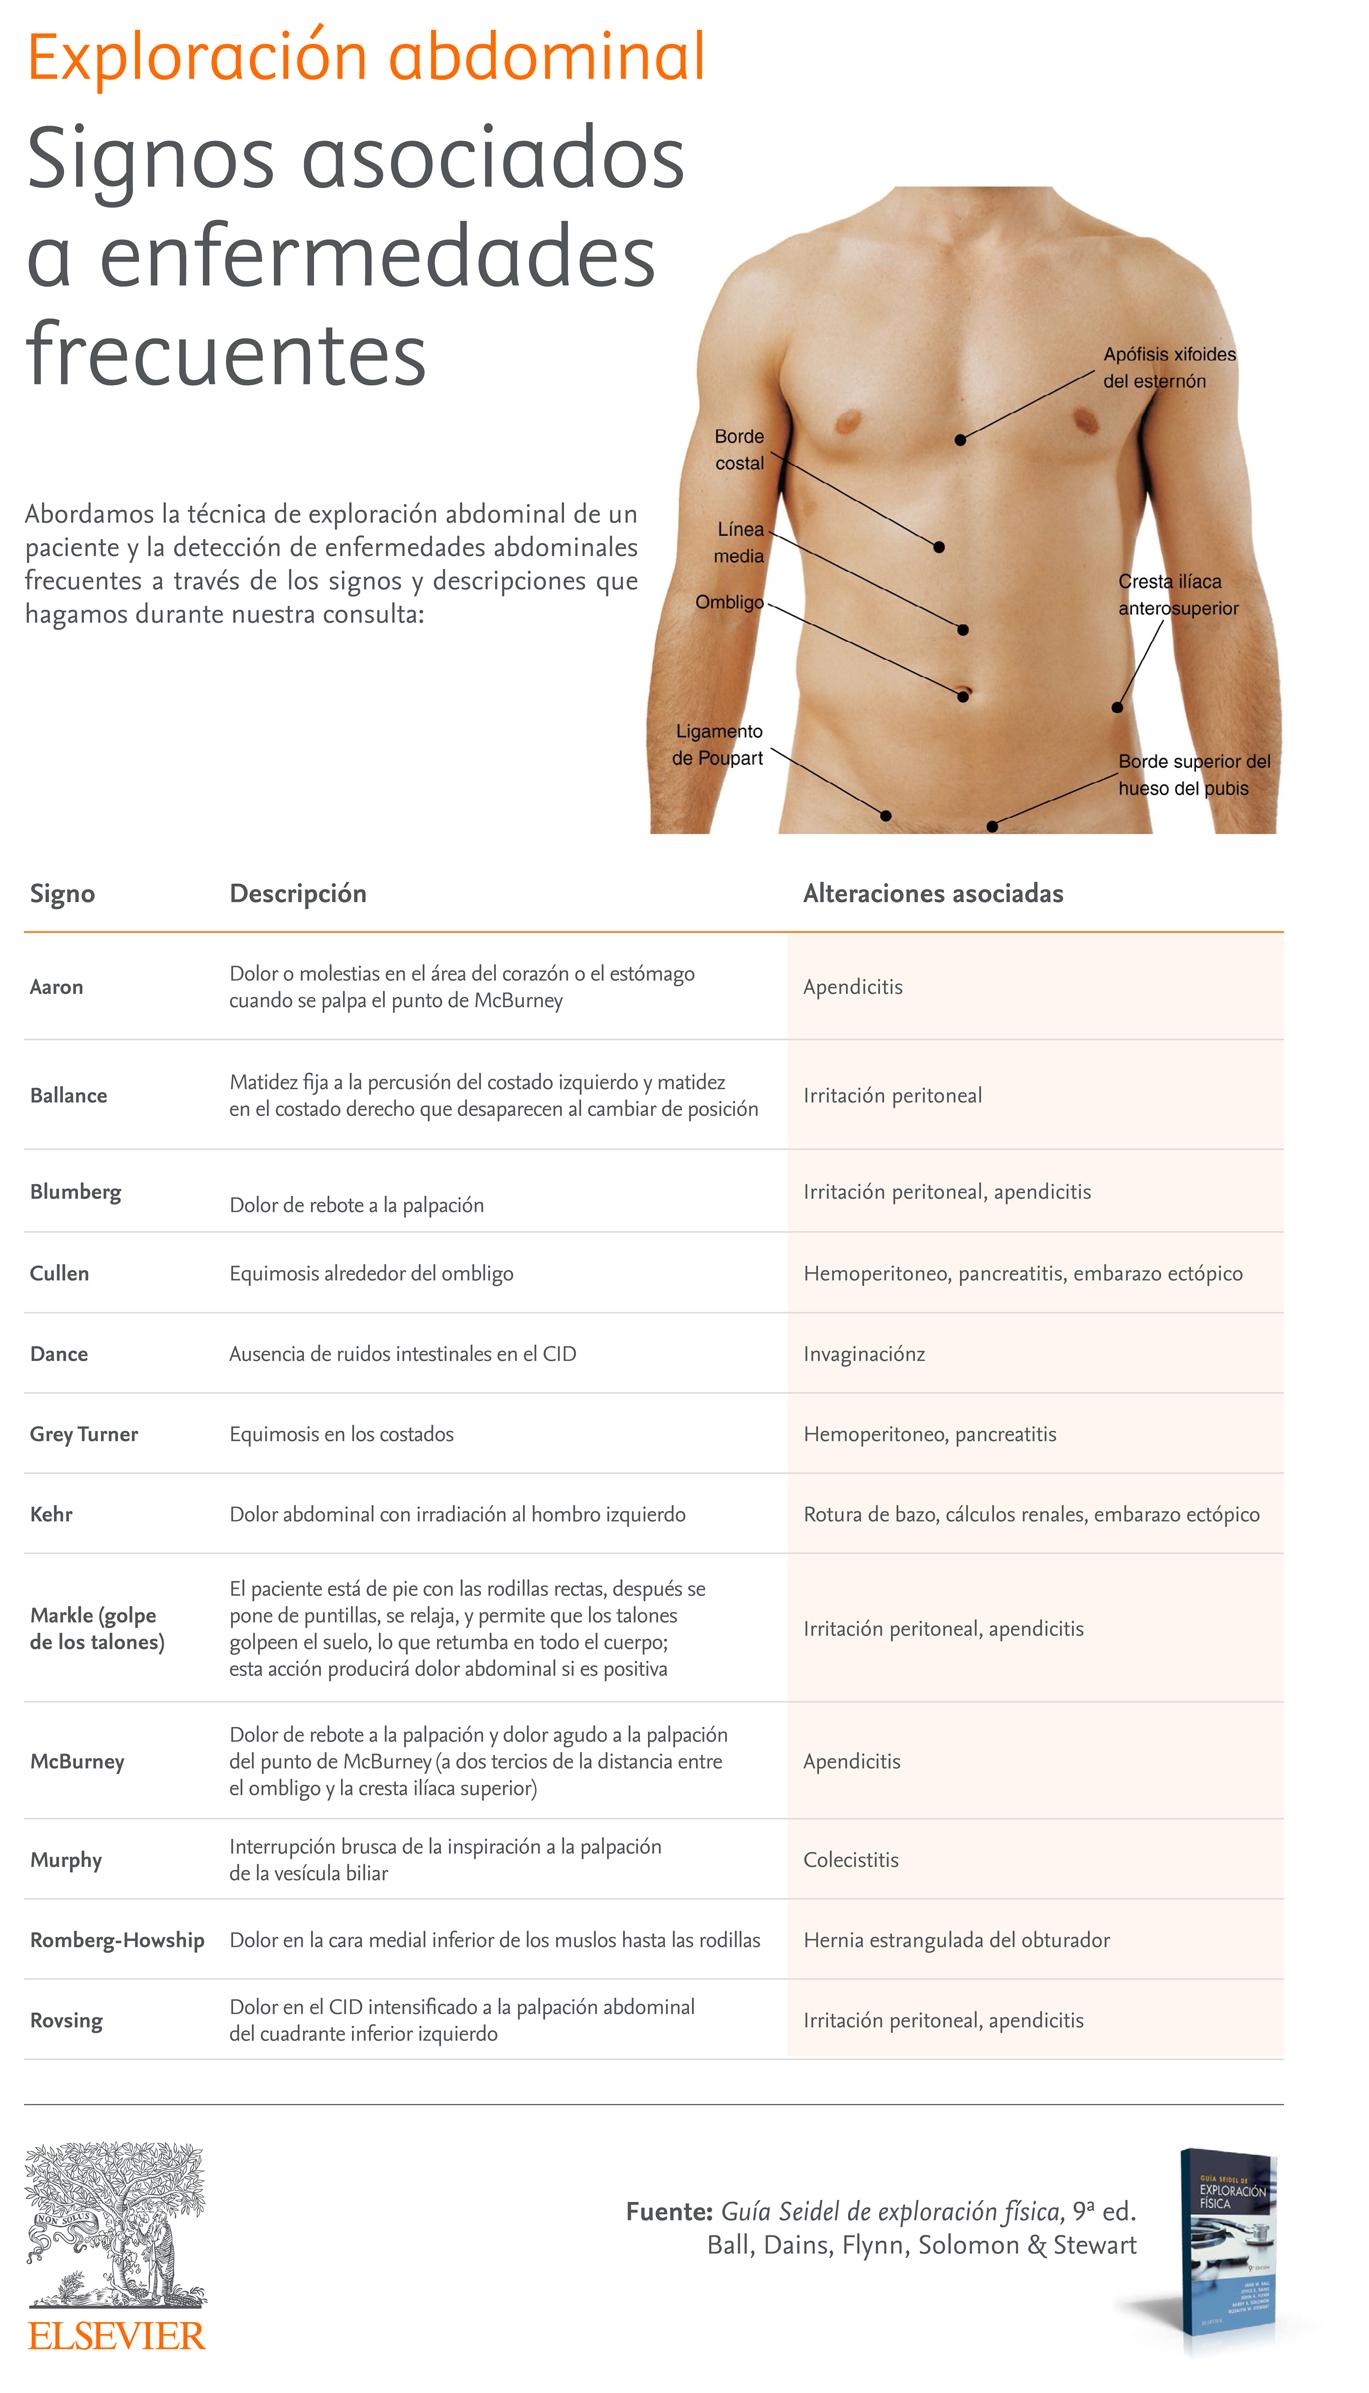 Exploración abdominal: técnicas y directrices para detectar apendicitis, pancreatitis, colescititis...